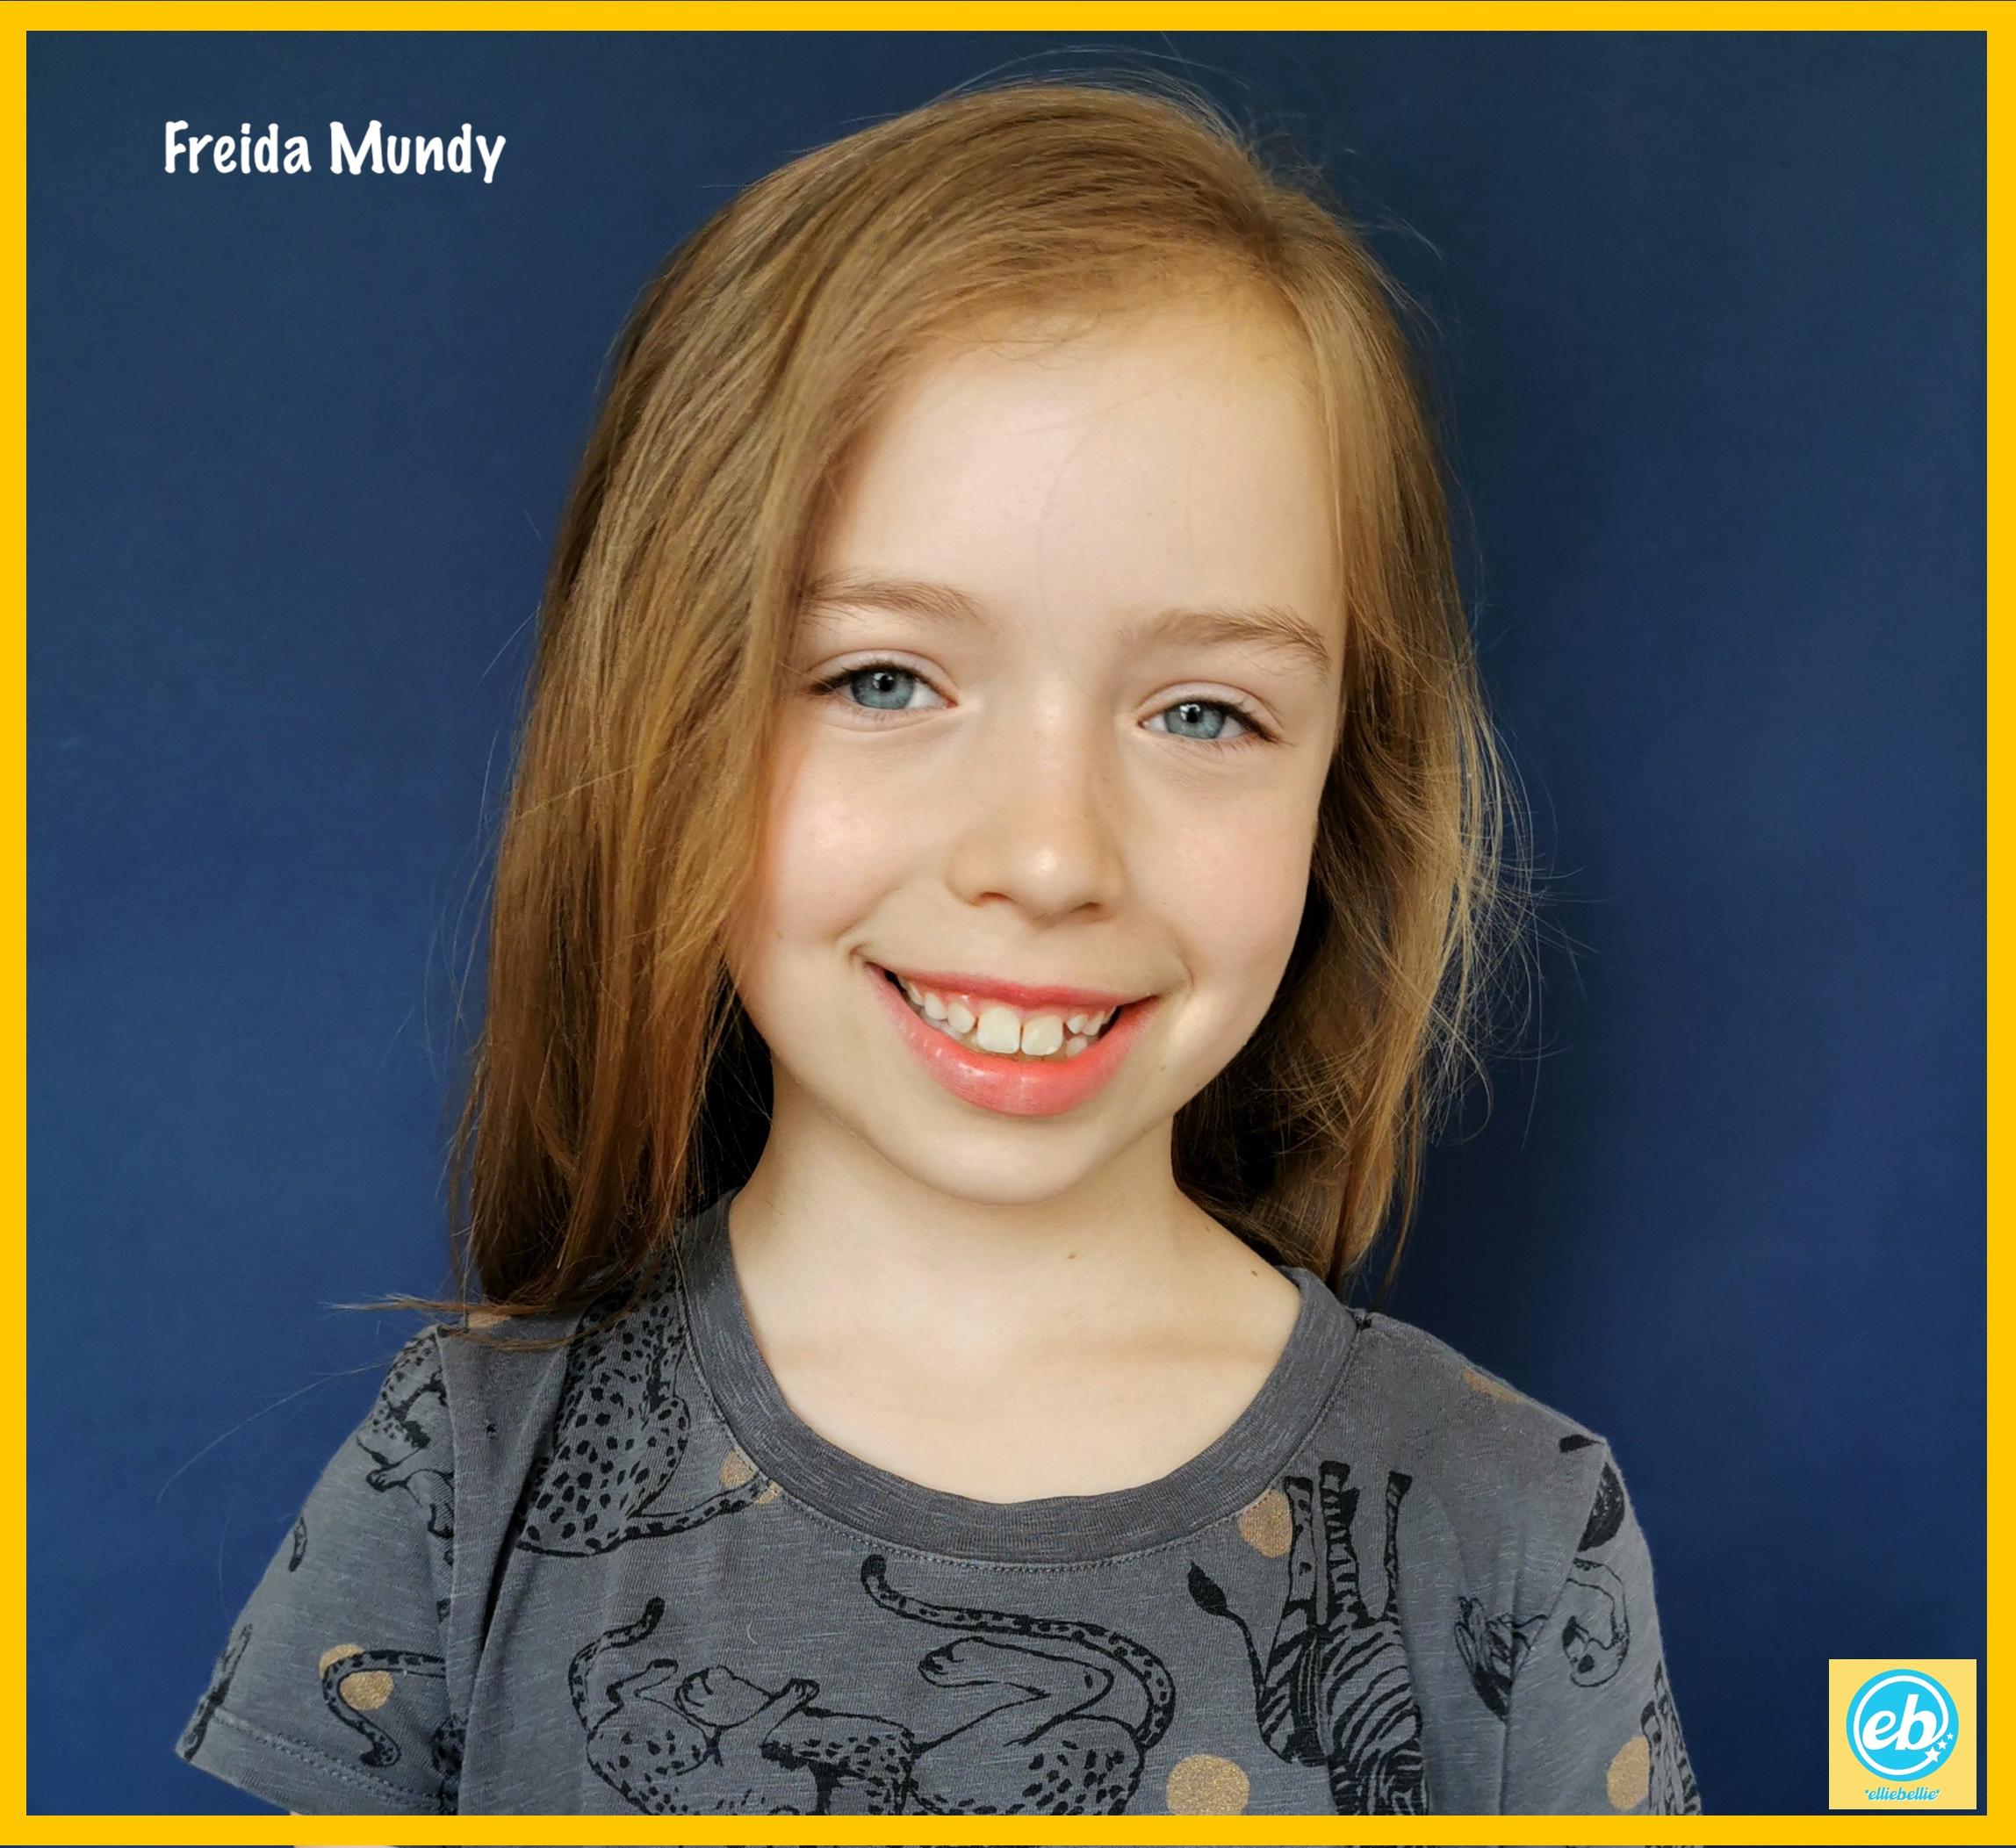 Freida Mundy